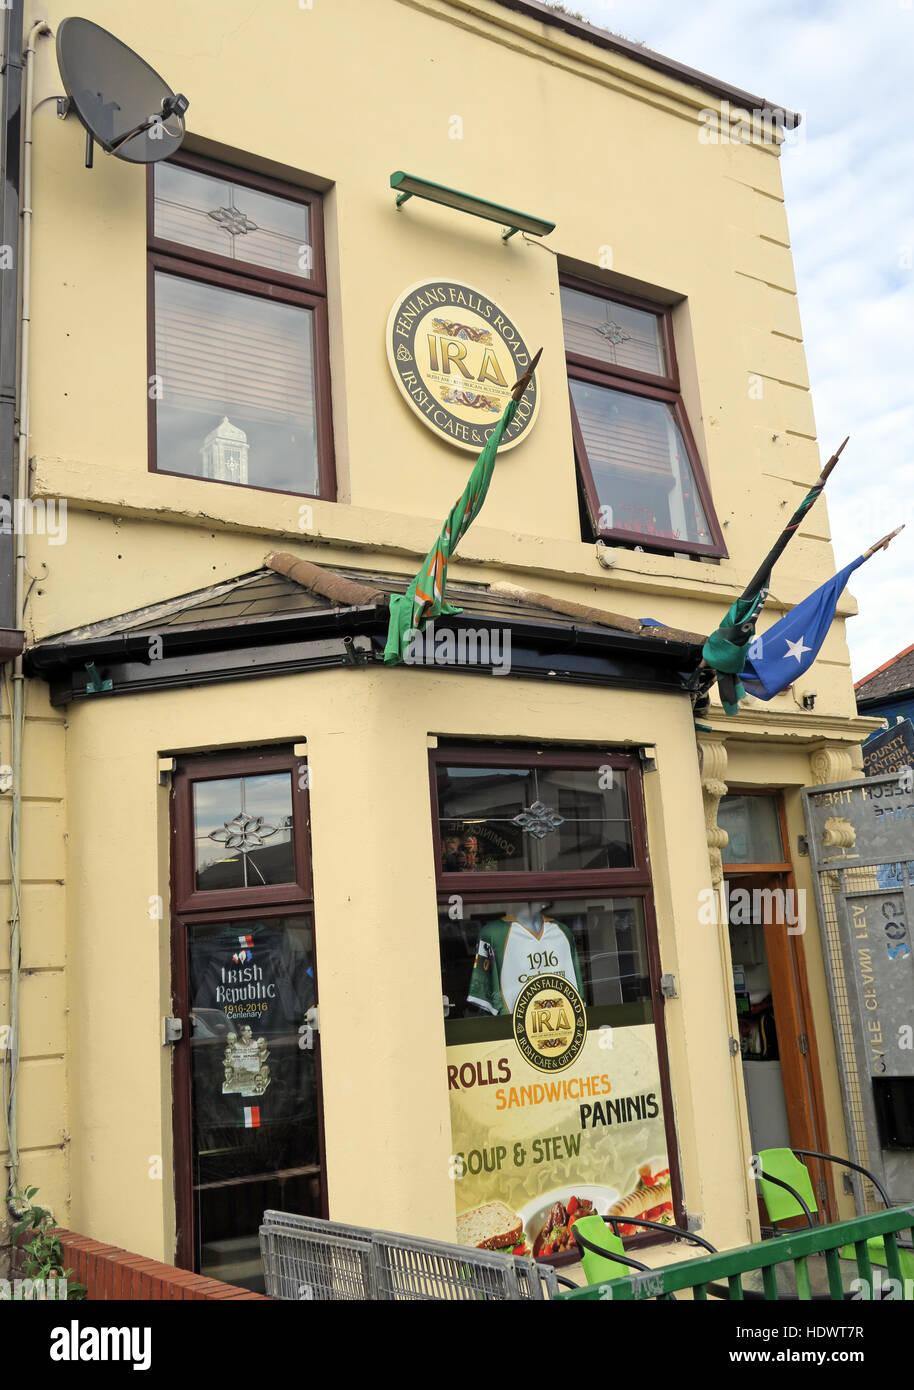 Laden Sie dieses Alamy Stockfoto Belfast Falls Rd republikanischen IRA Cafe, Falls Road Suppen & Eintopf - HDWT7R